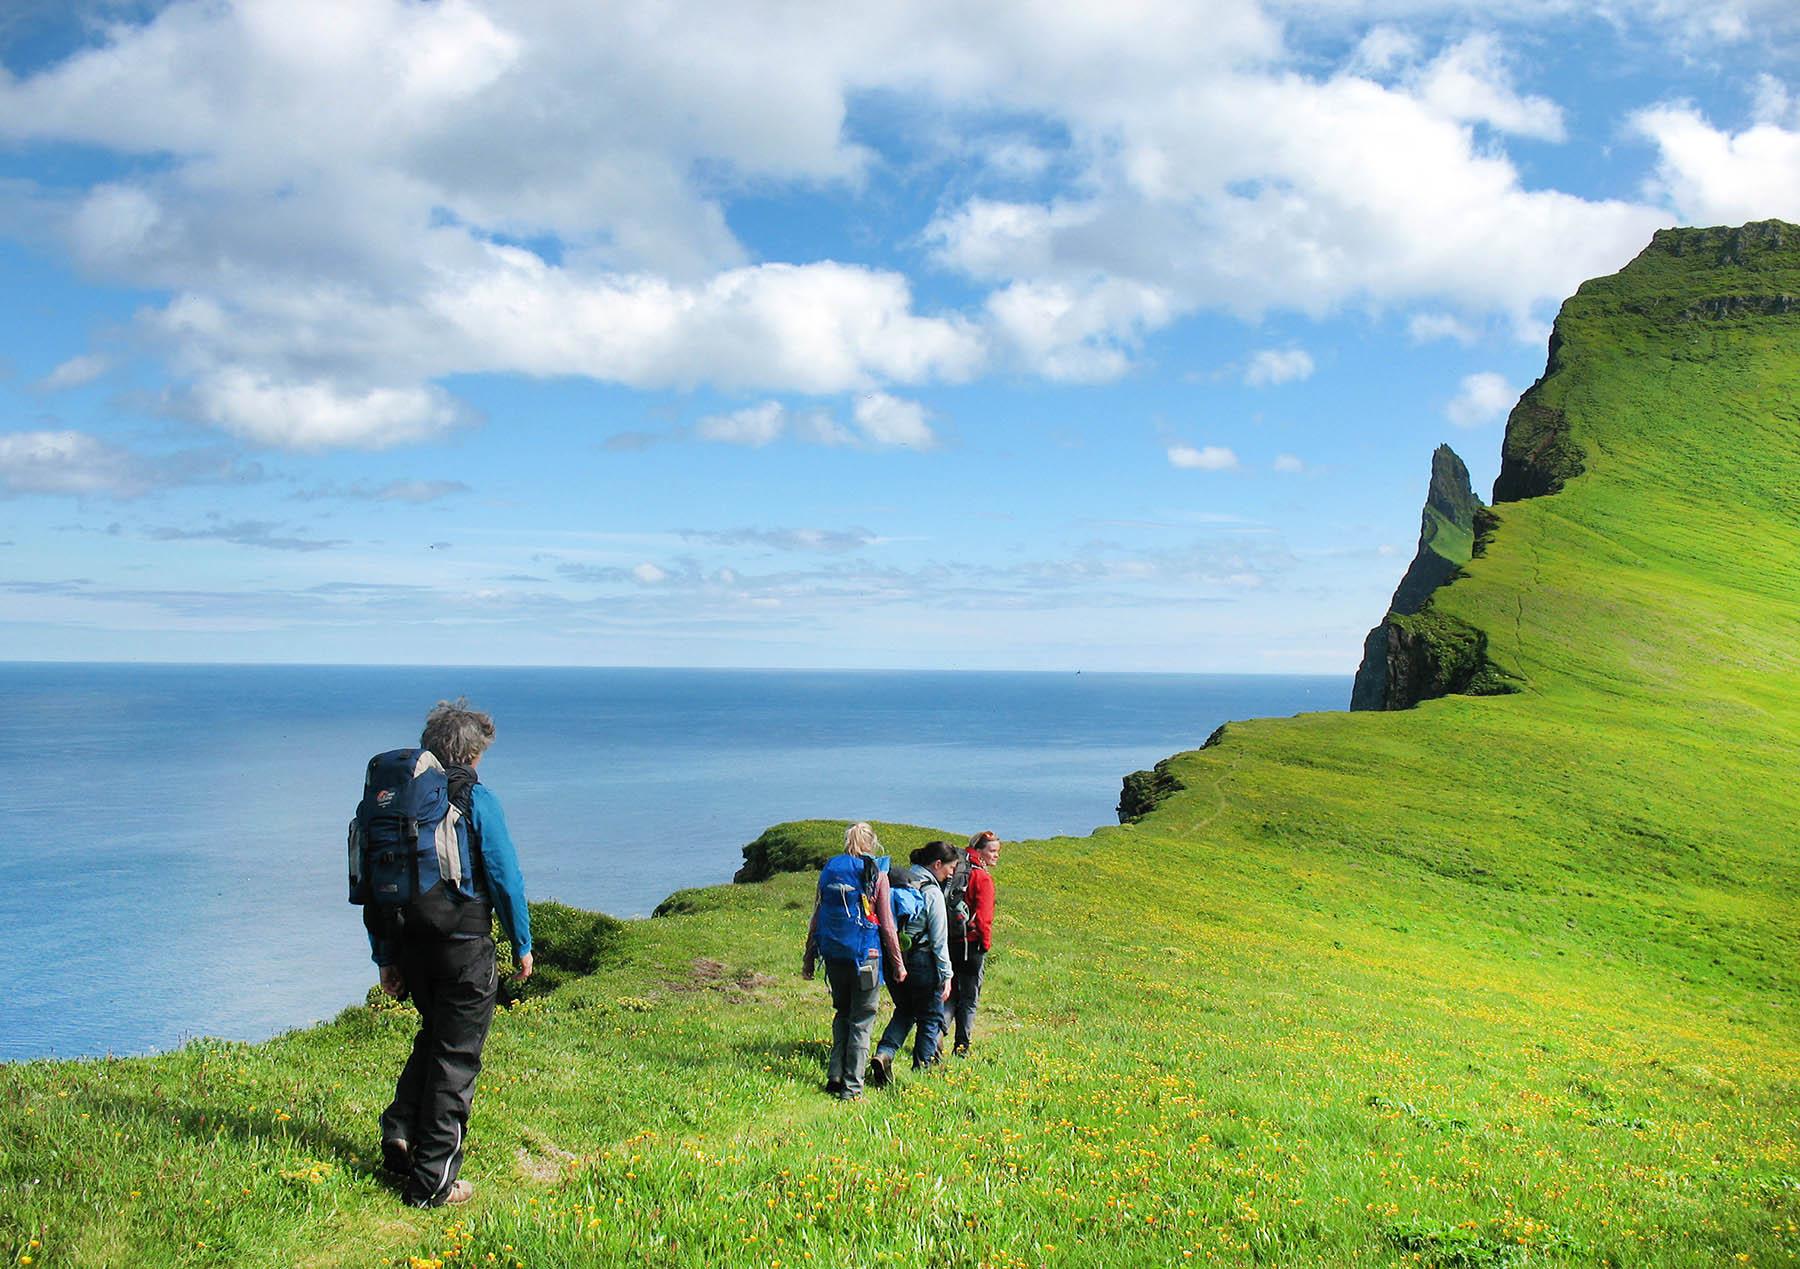 Reisegruppe wandert Islands Steilküsten entlang